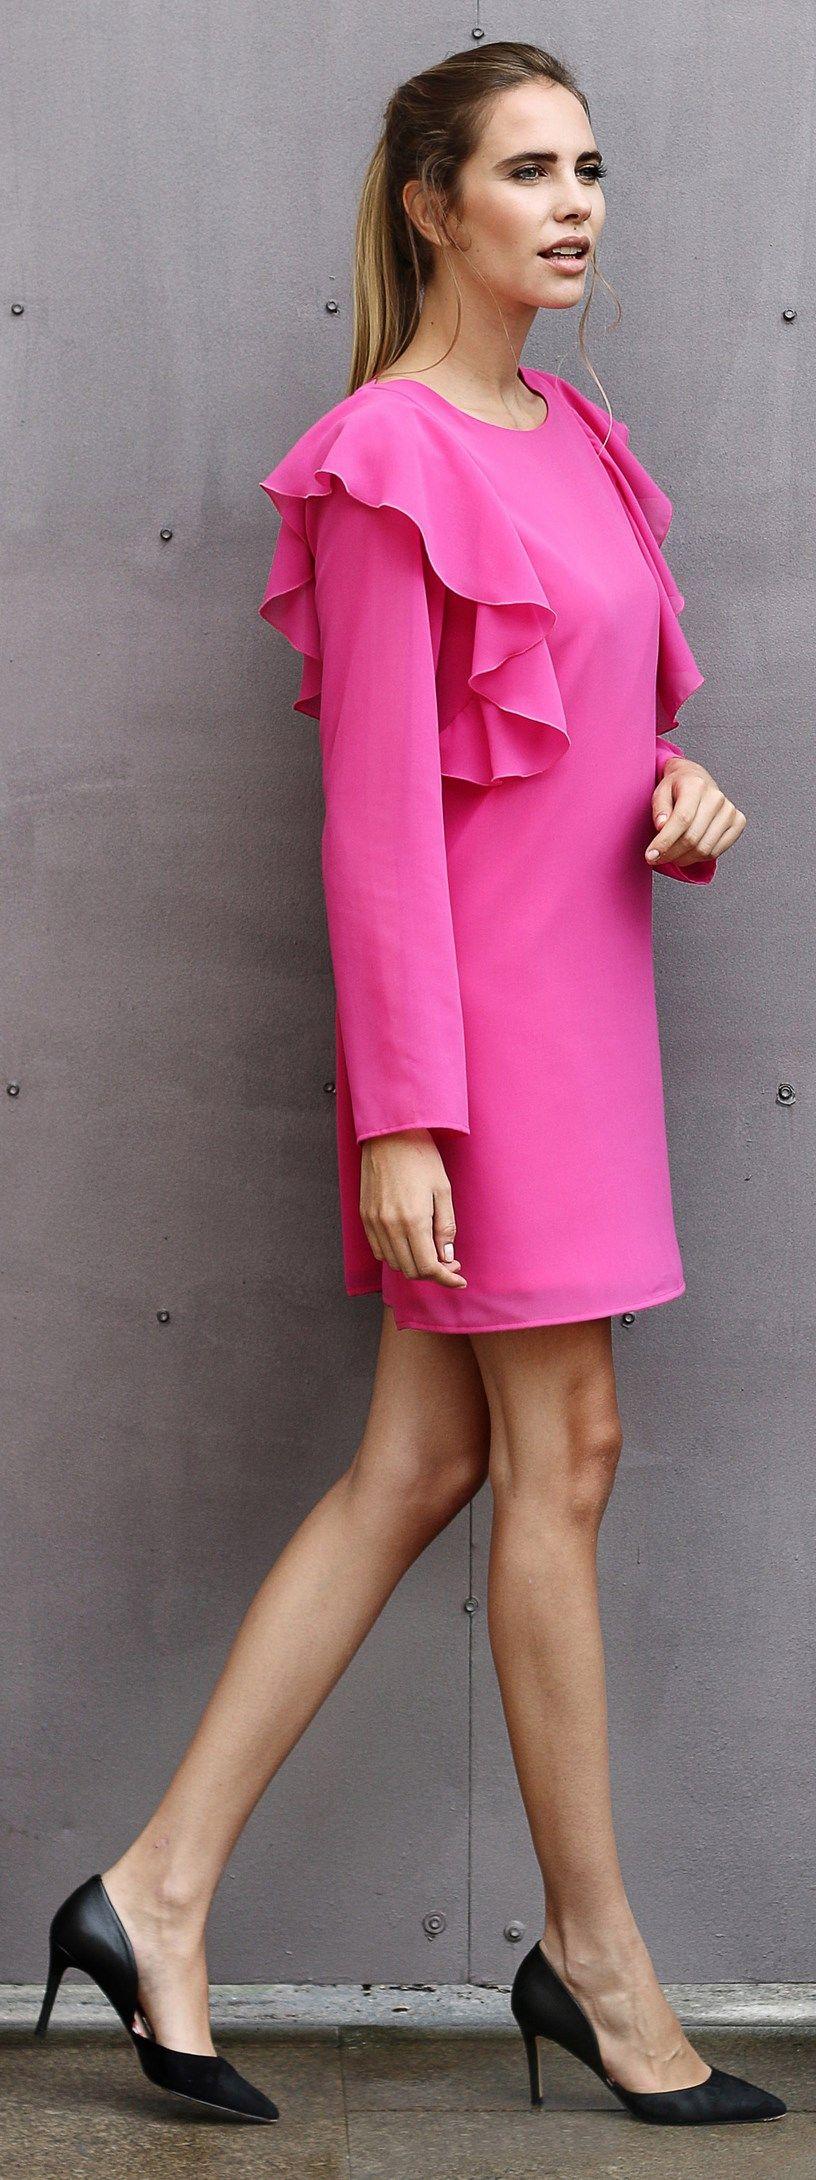 Vestido Claudina / Claudina dress   FALL WINTER 15/16 LOOKBOOK ...